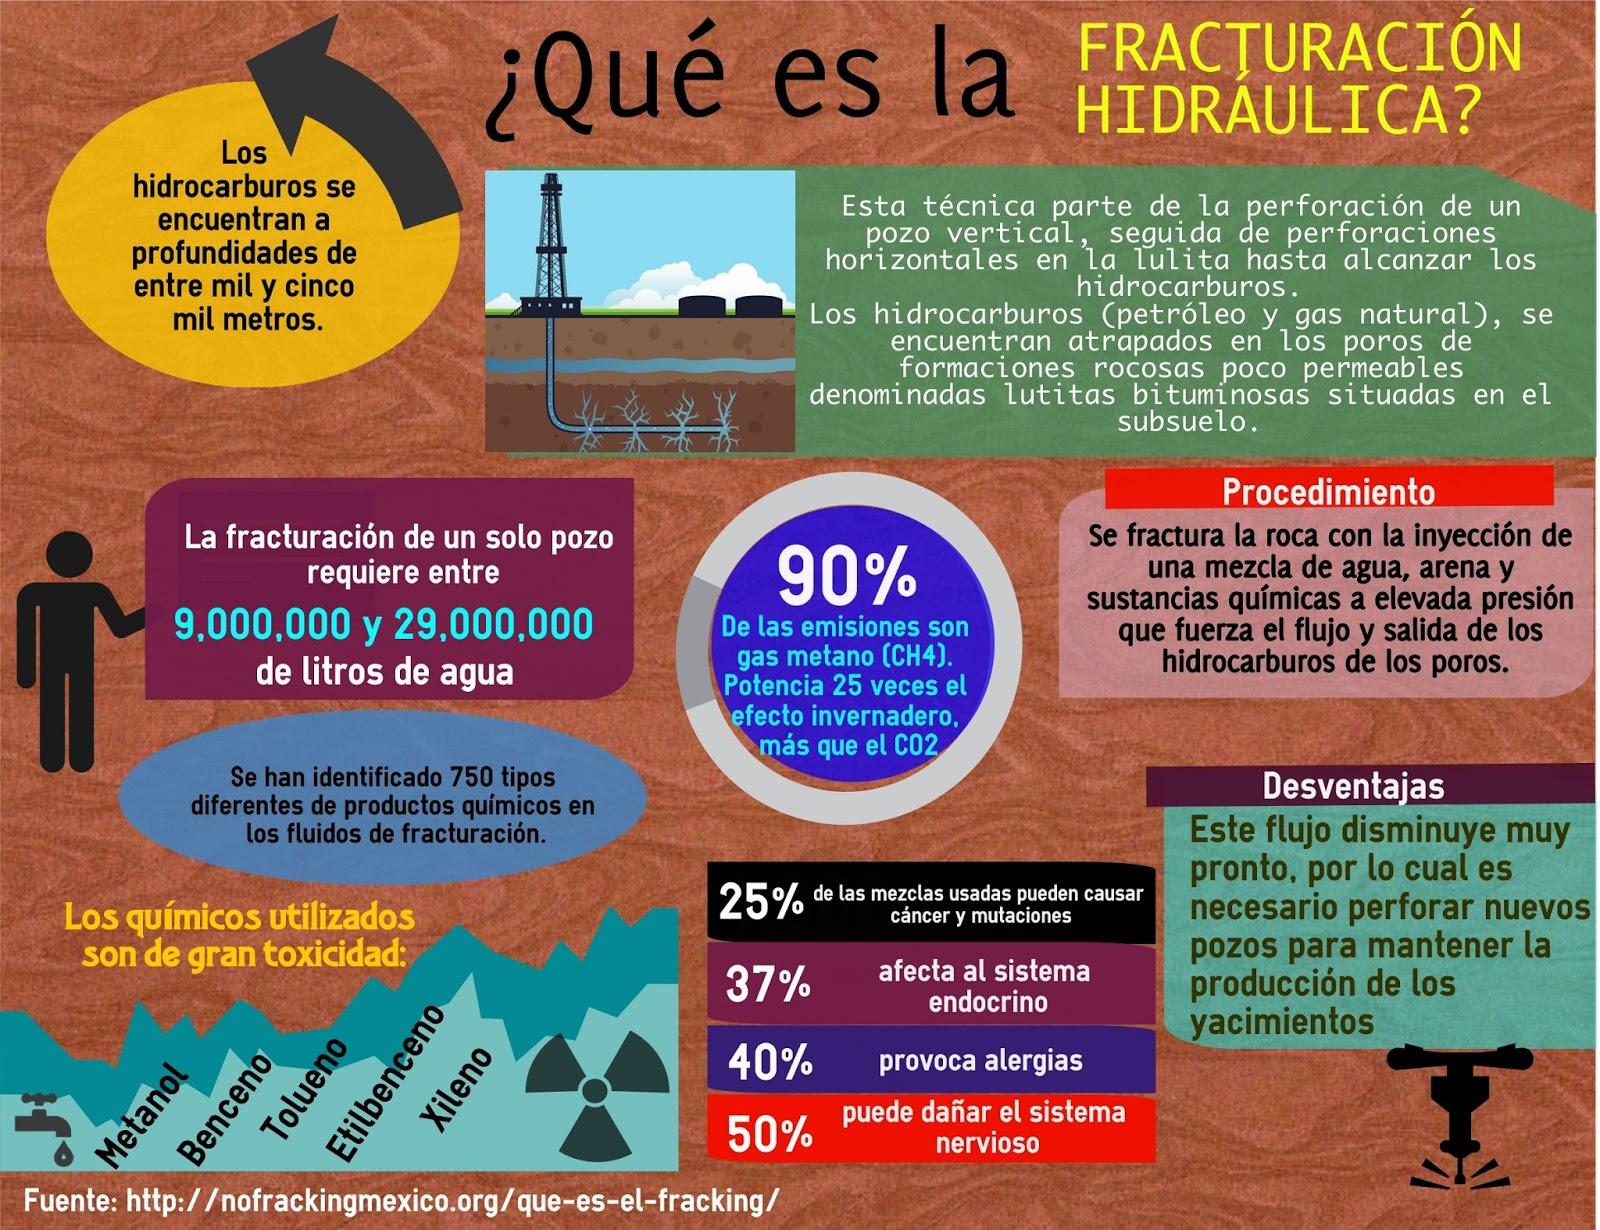 ¿Qué es la fracturación hidráulica?